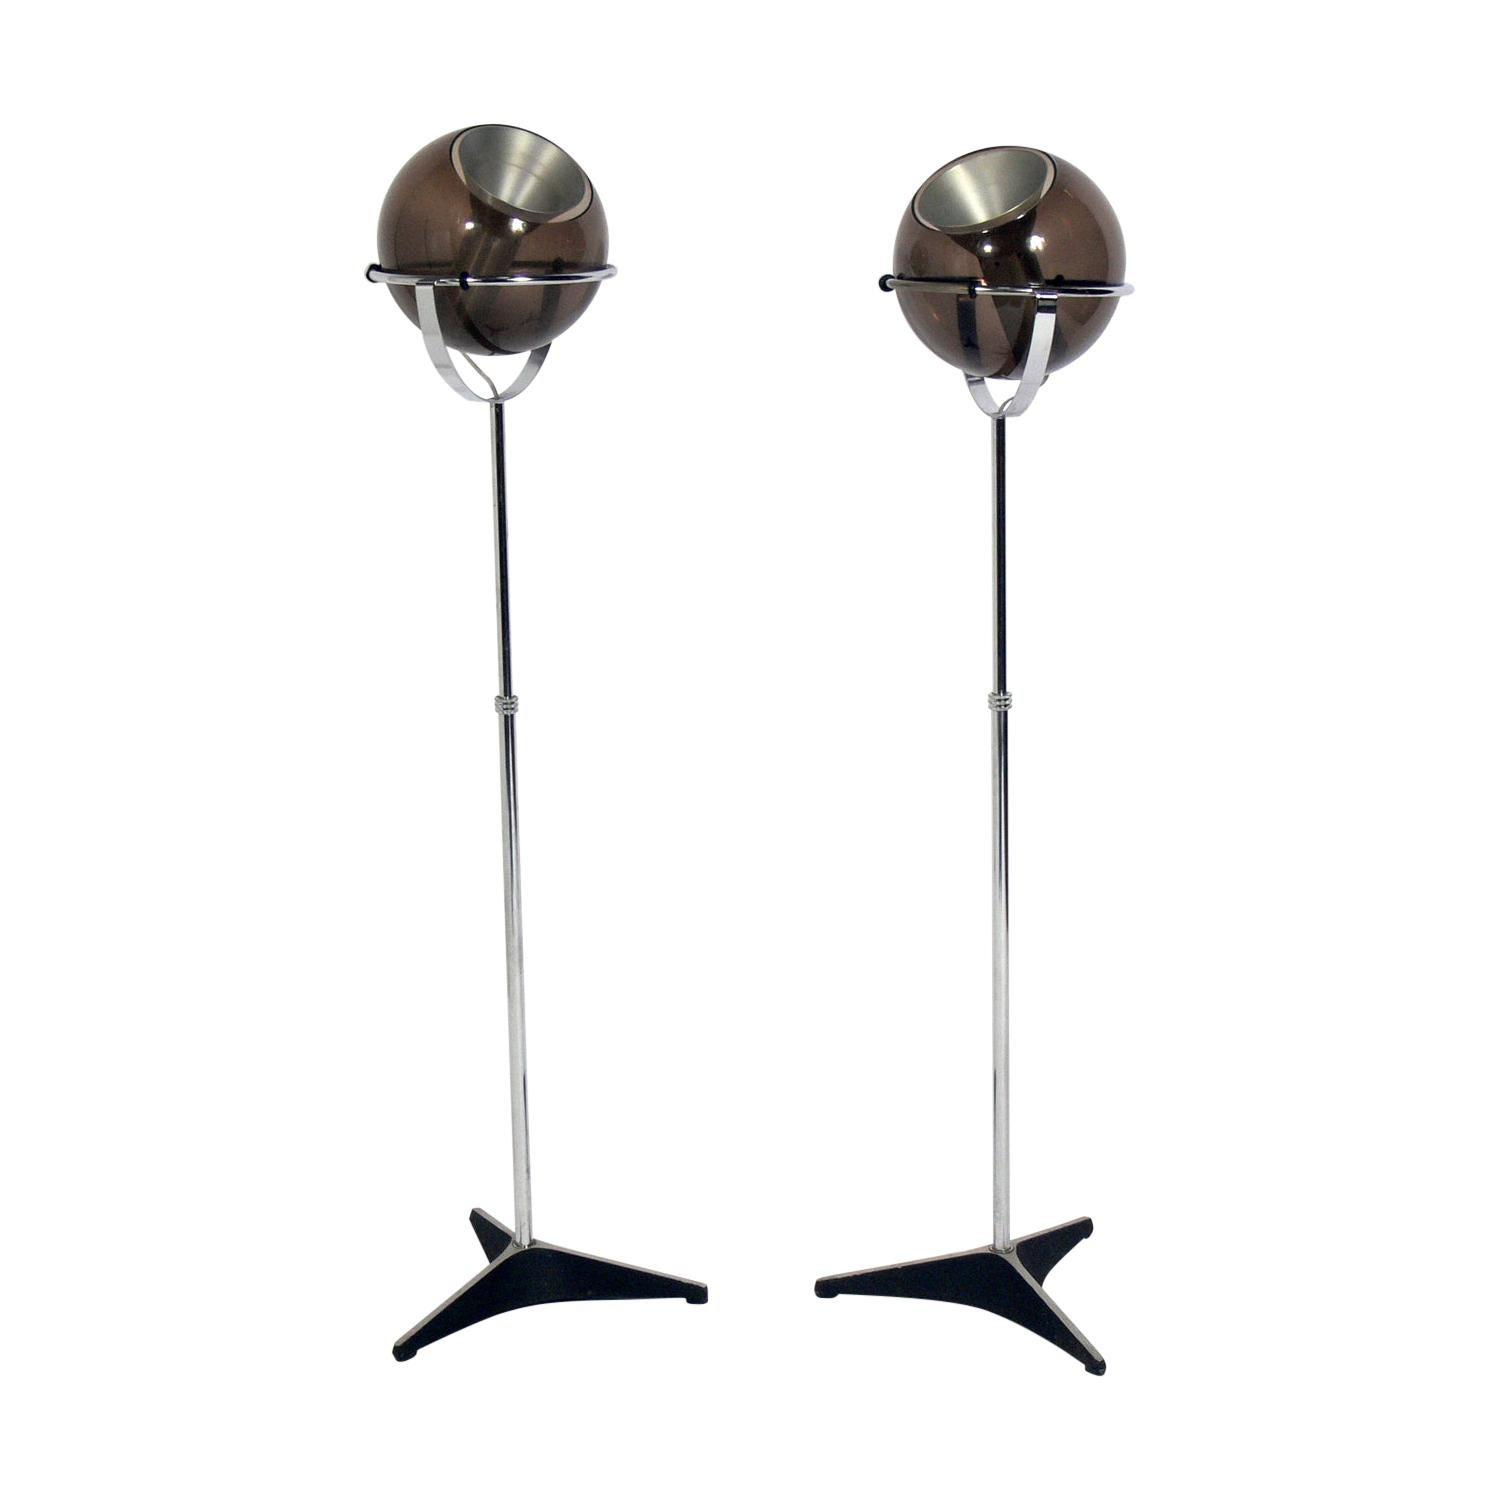 Glass Orb Floor Lamps by Frank Ligtelijn for RAAK